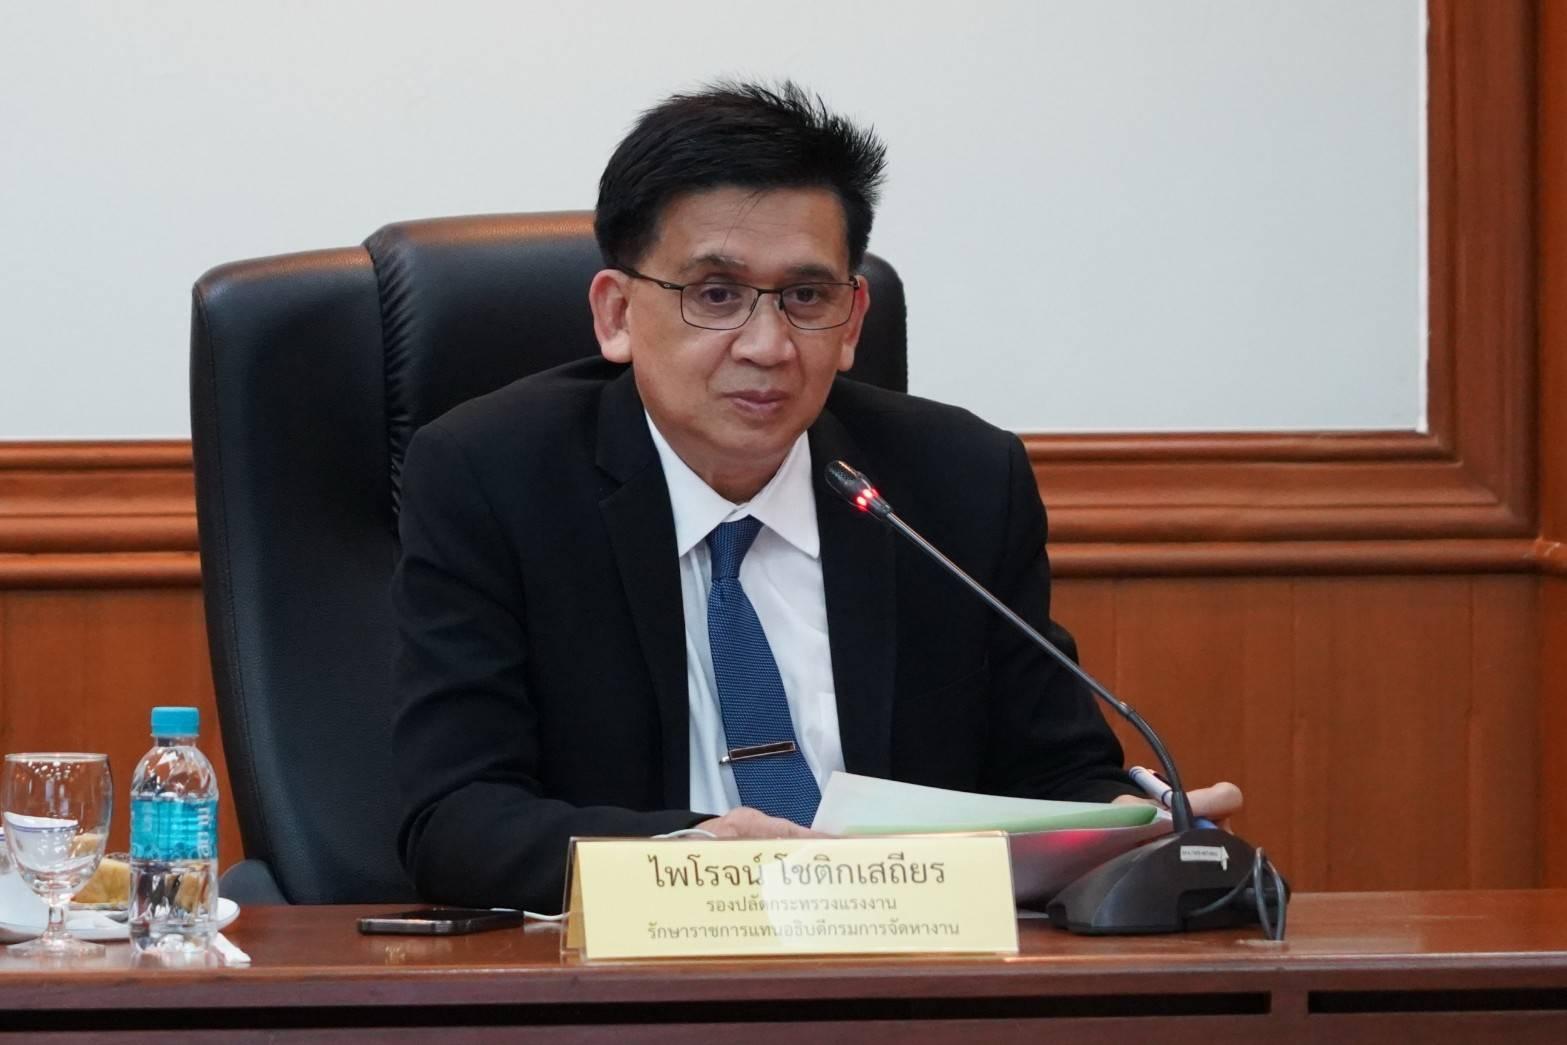 กกจ. ประชุมติดตามผลการดำเนินการตามมติคณะรัฐมนตรี เมื่อวันที่ 29 ธันวาคม 2563